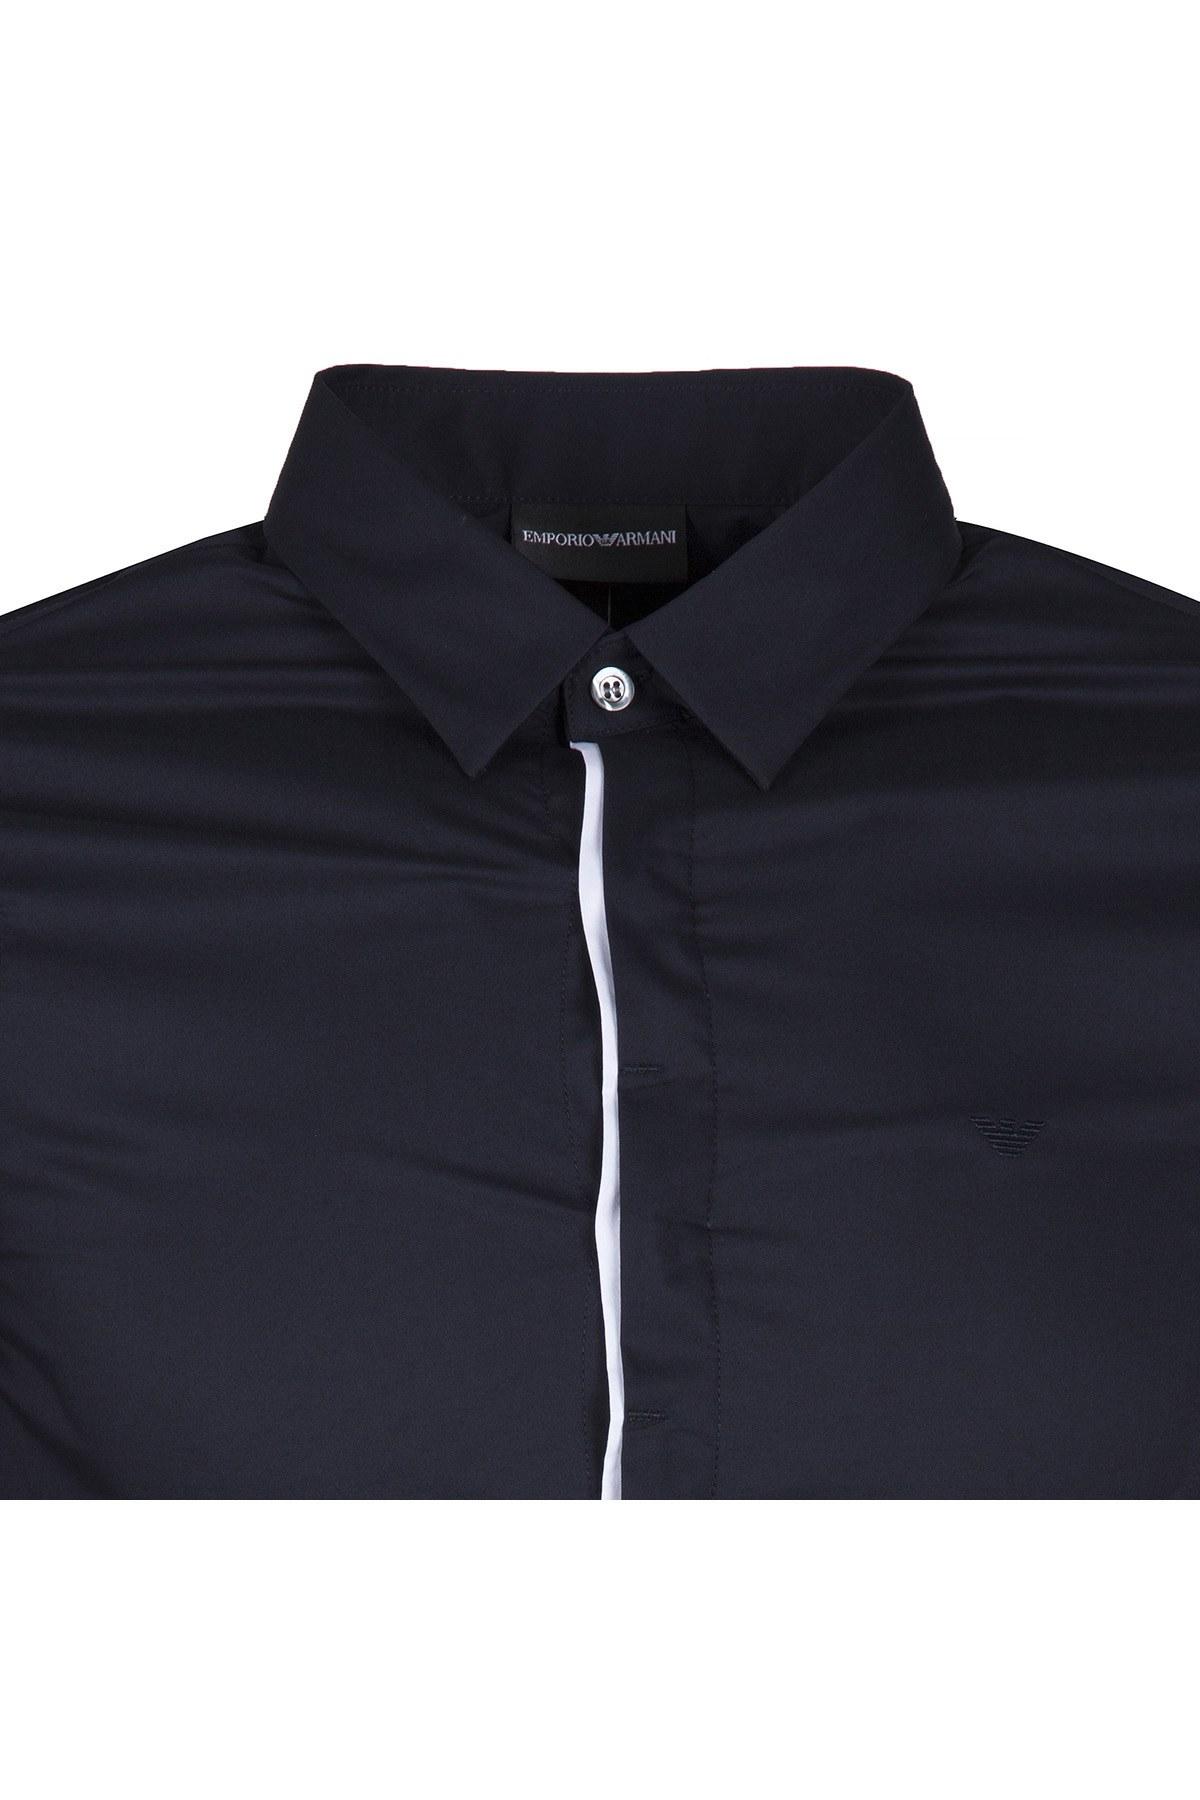 EMPORIO ARMANI Erkek Gömlek 3Z1CL7 1NFUZ LACİVERT